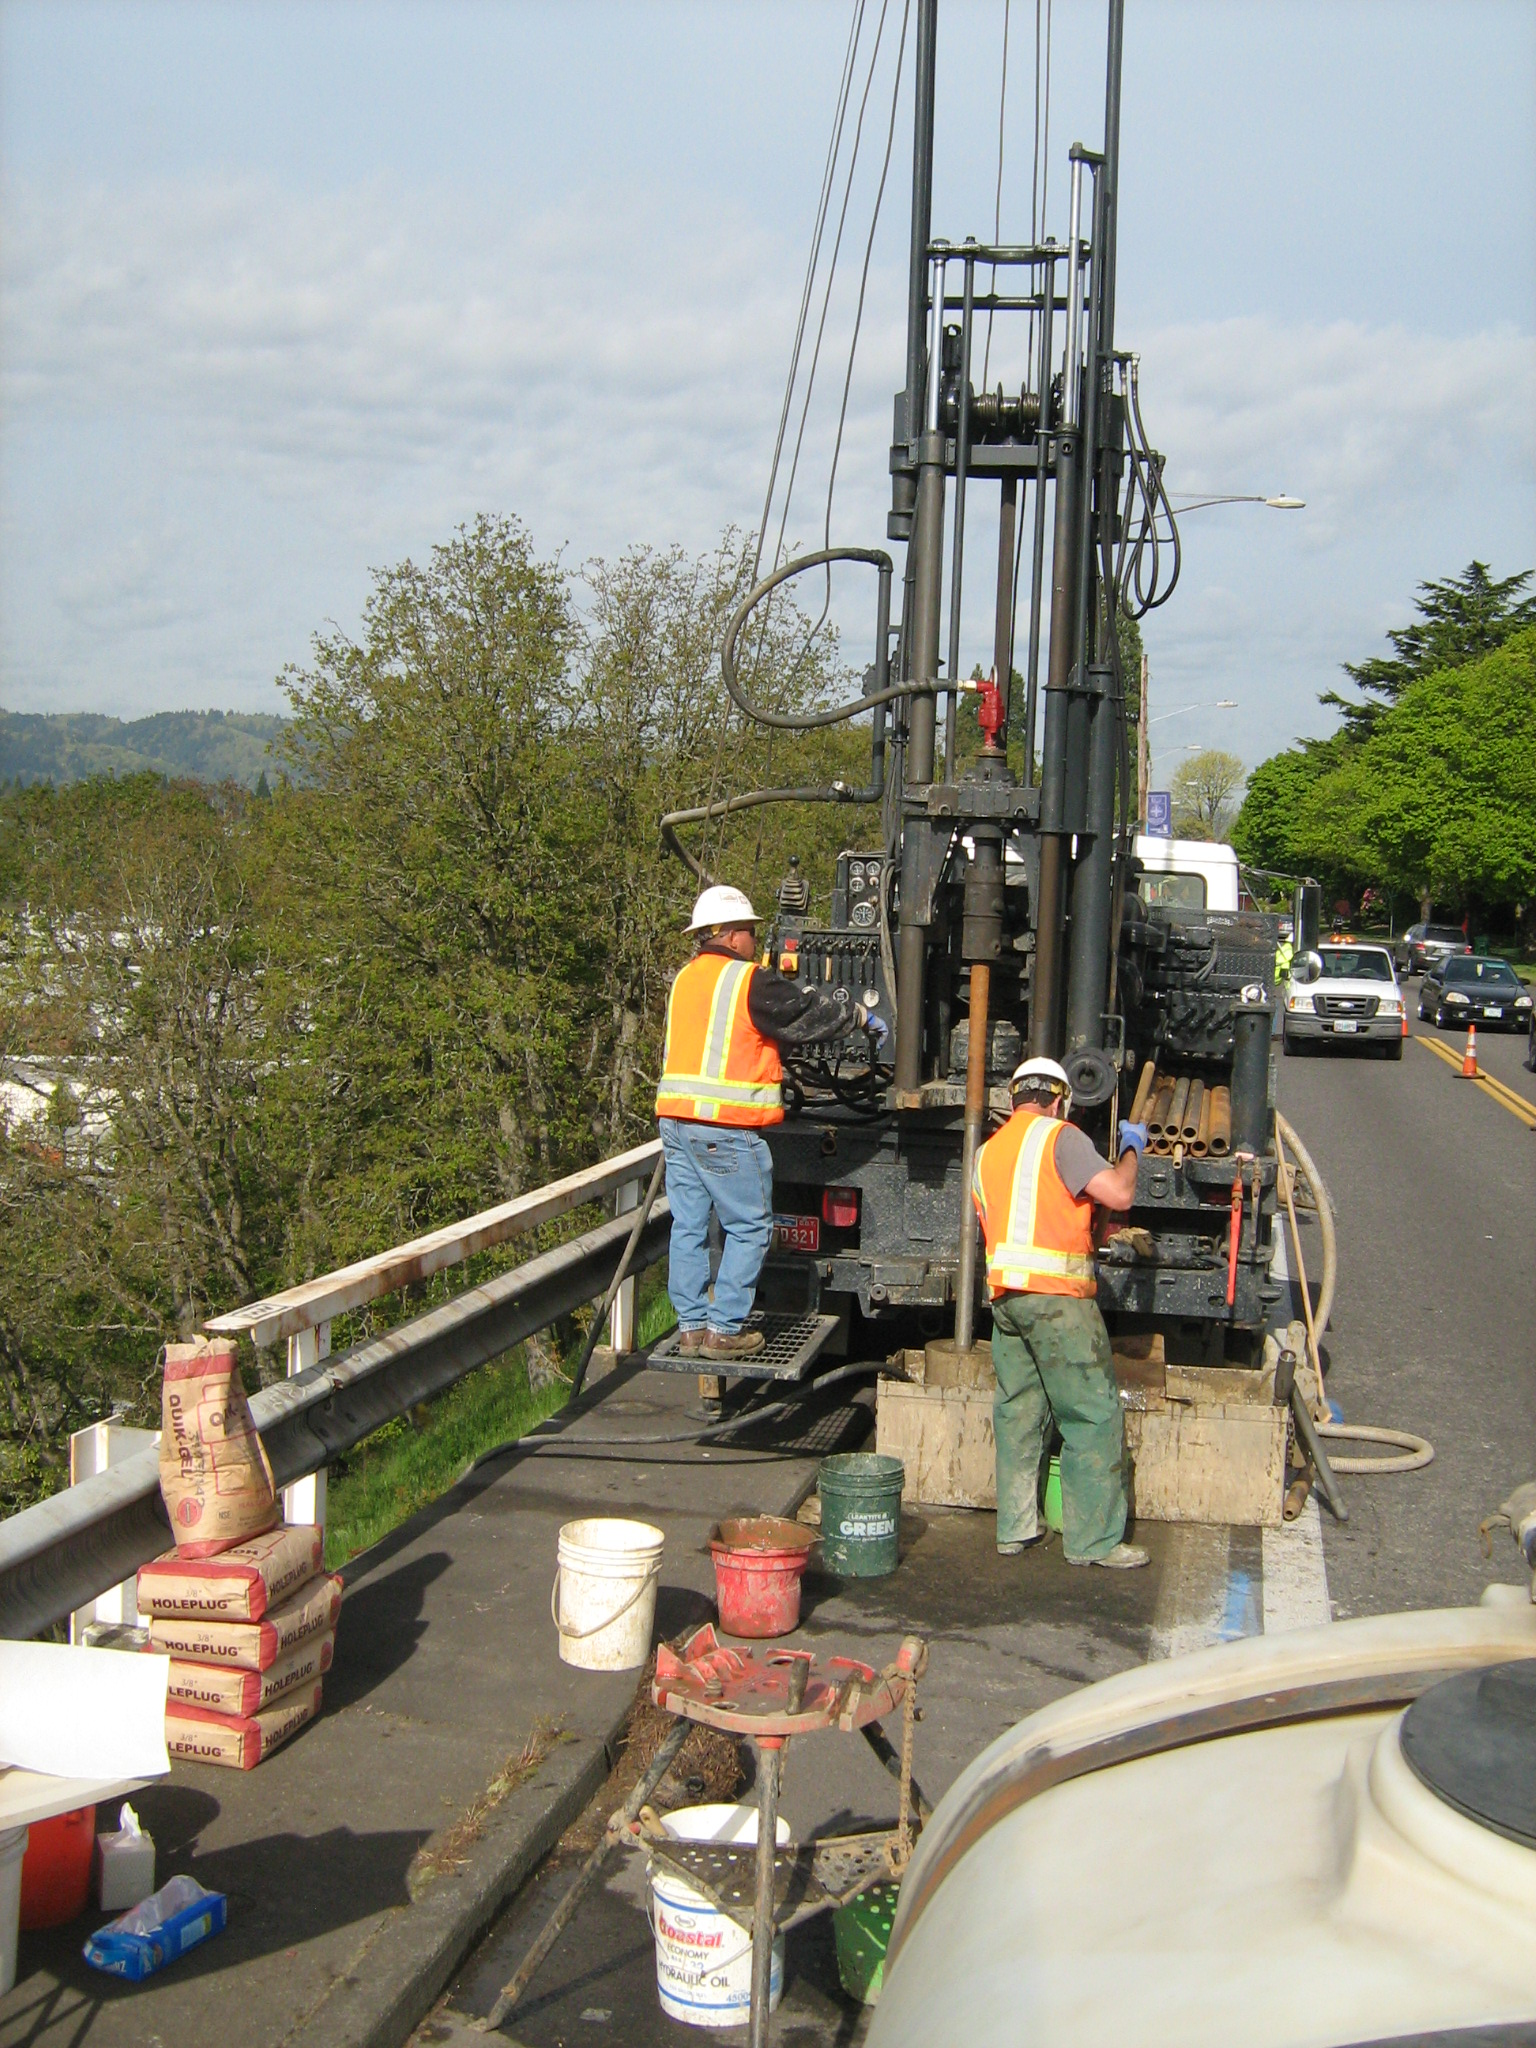 2152010 N Willamette Retaining Wall (31).jpg